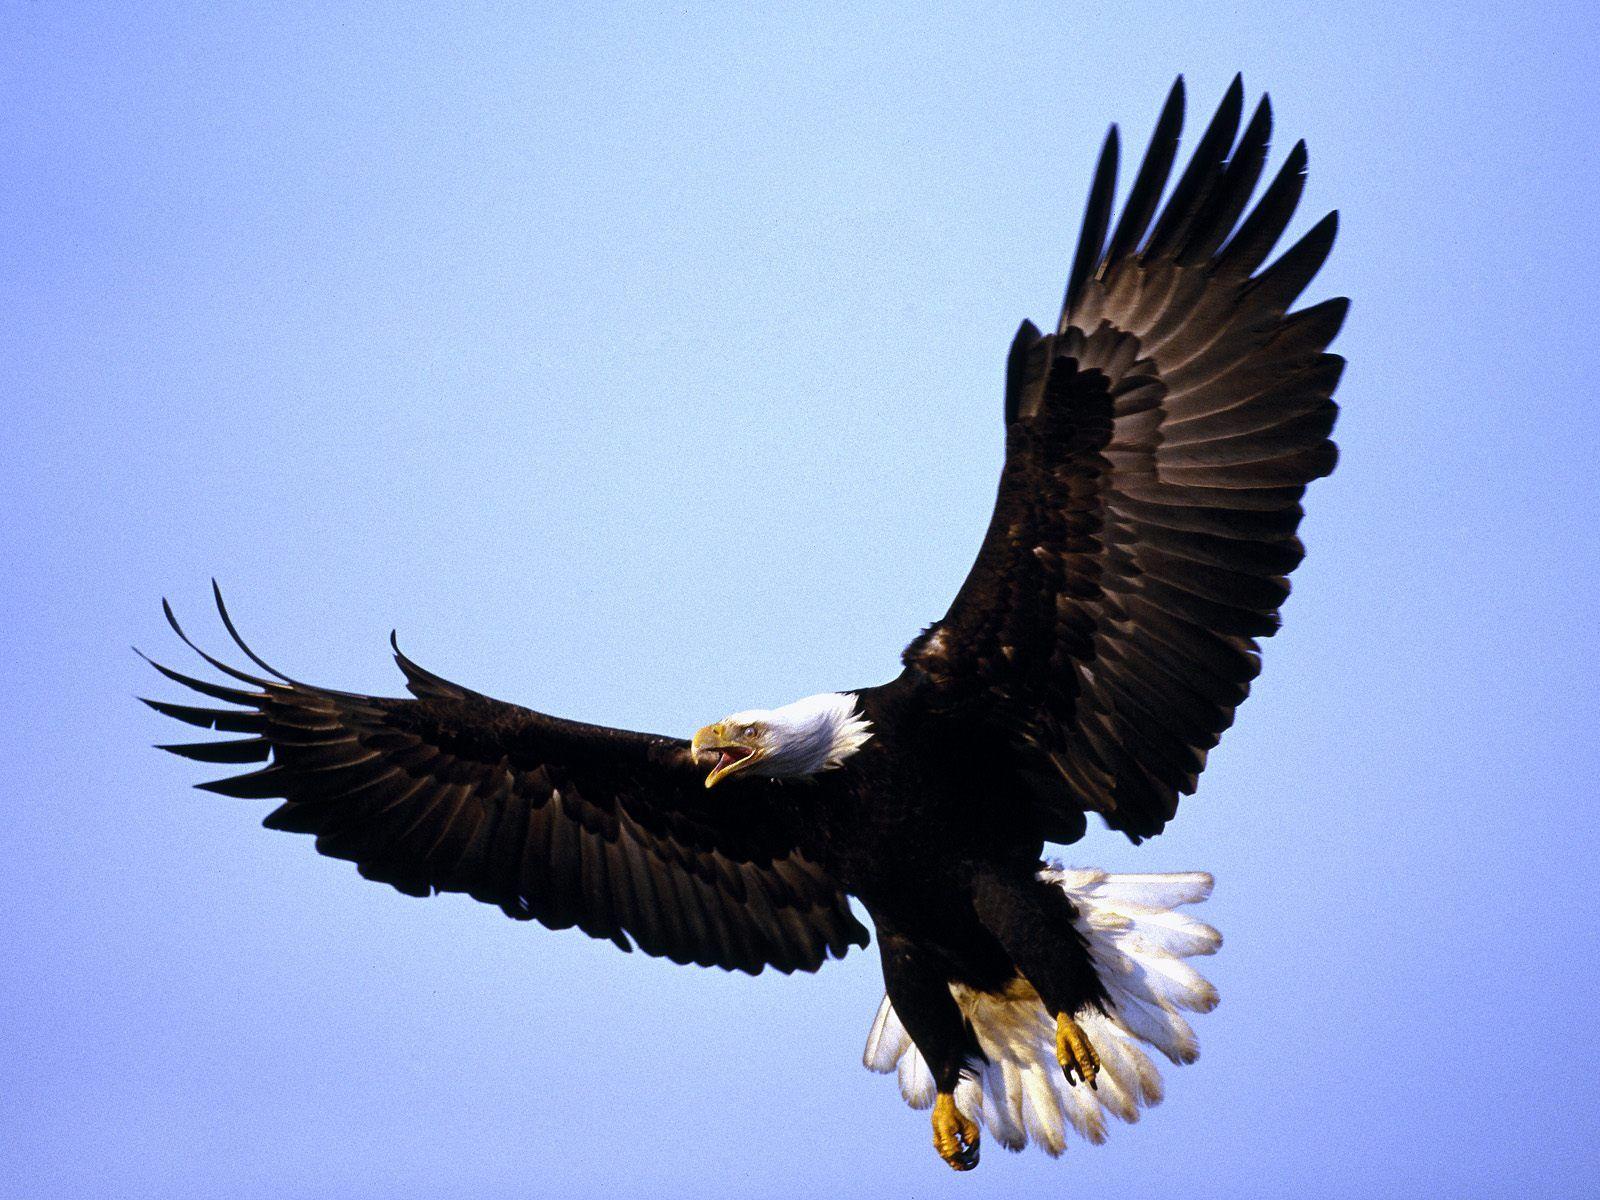 Winter Migration of Bald Eagles - Skagit Eagle Festival